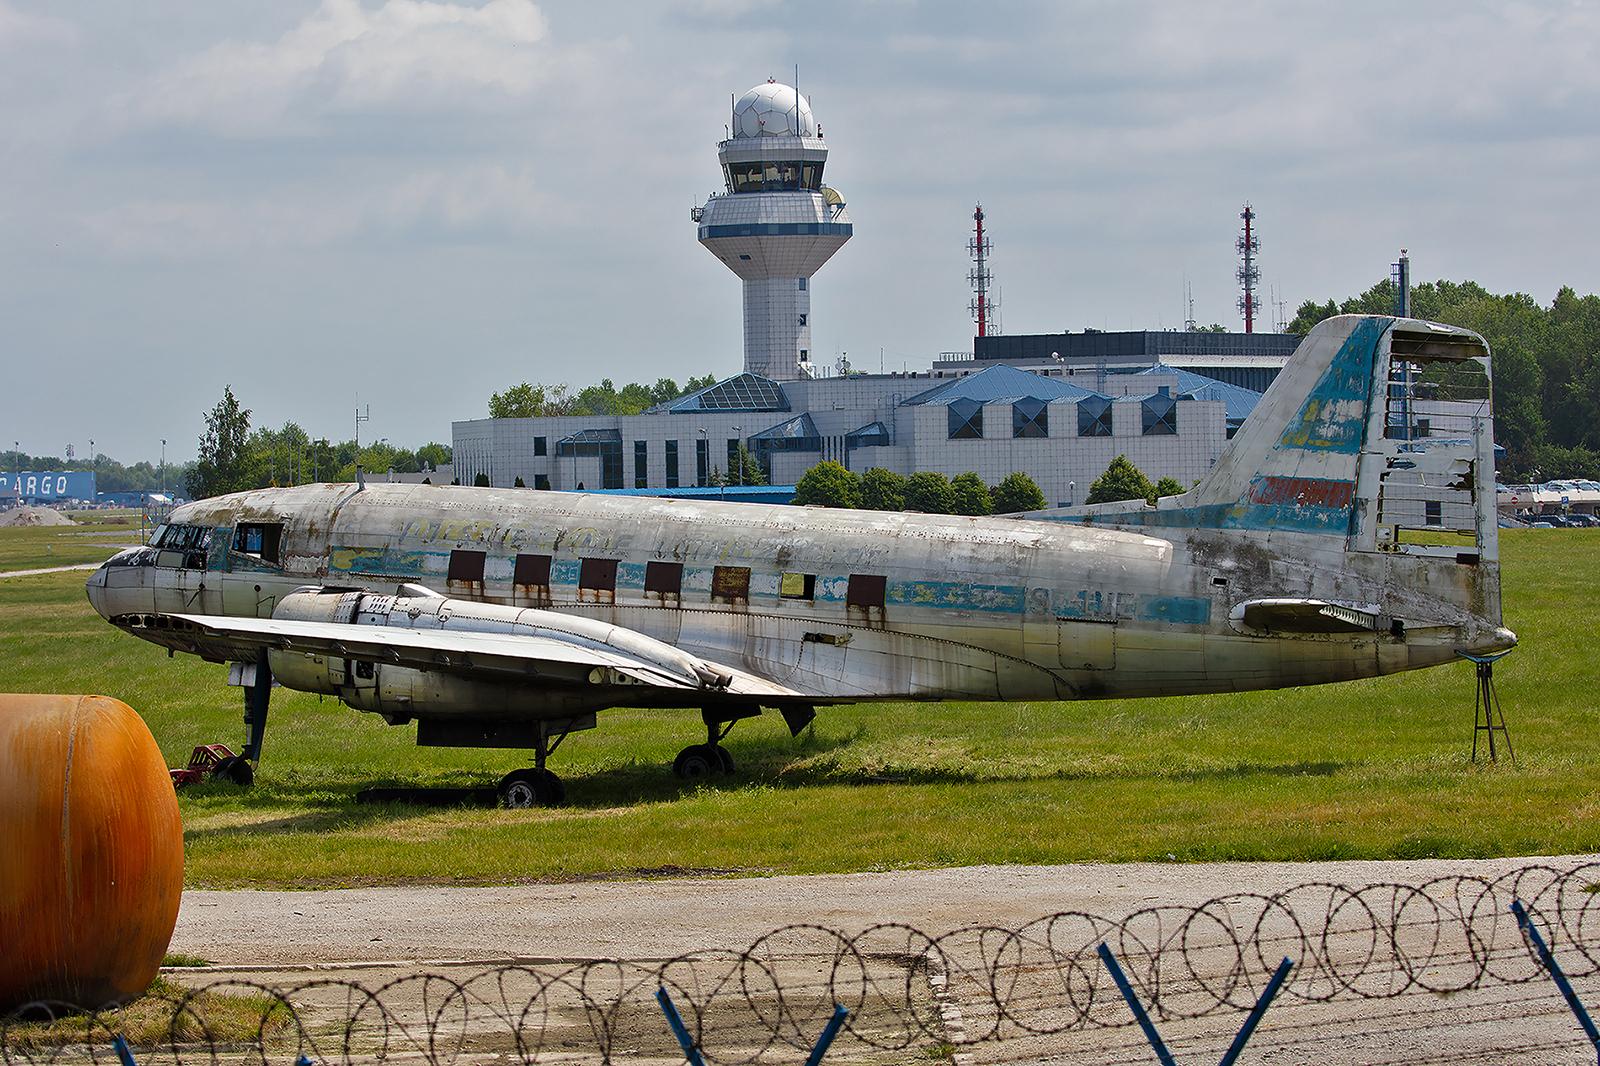 Neben der Wache der Flughafenfeuerwehr steht die alte Ilyushin Il-14 der LOT. Ein Relikt aus sozialistischen Zeiten.